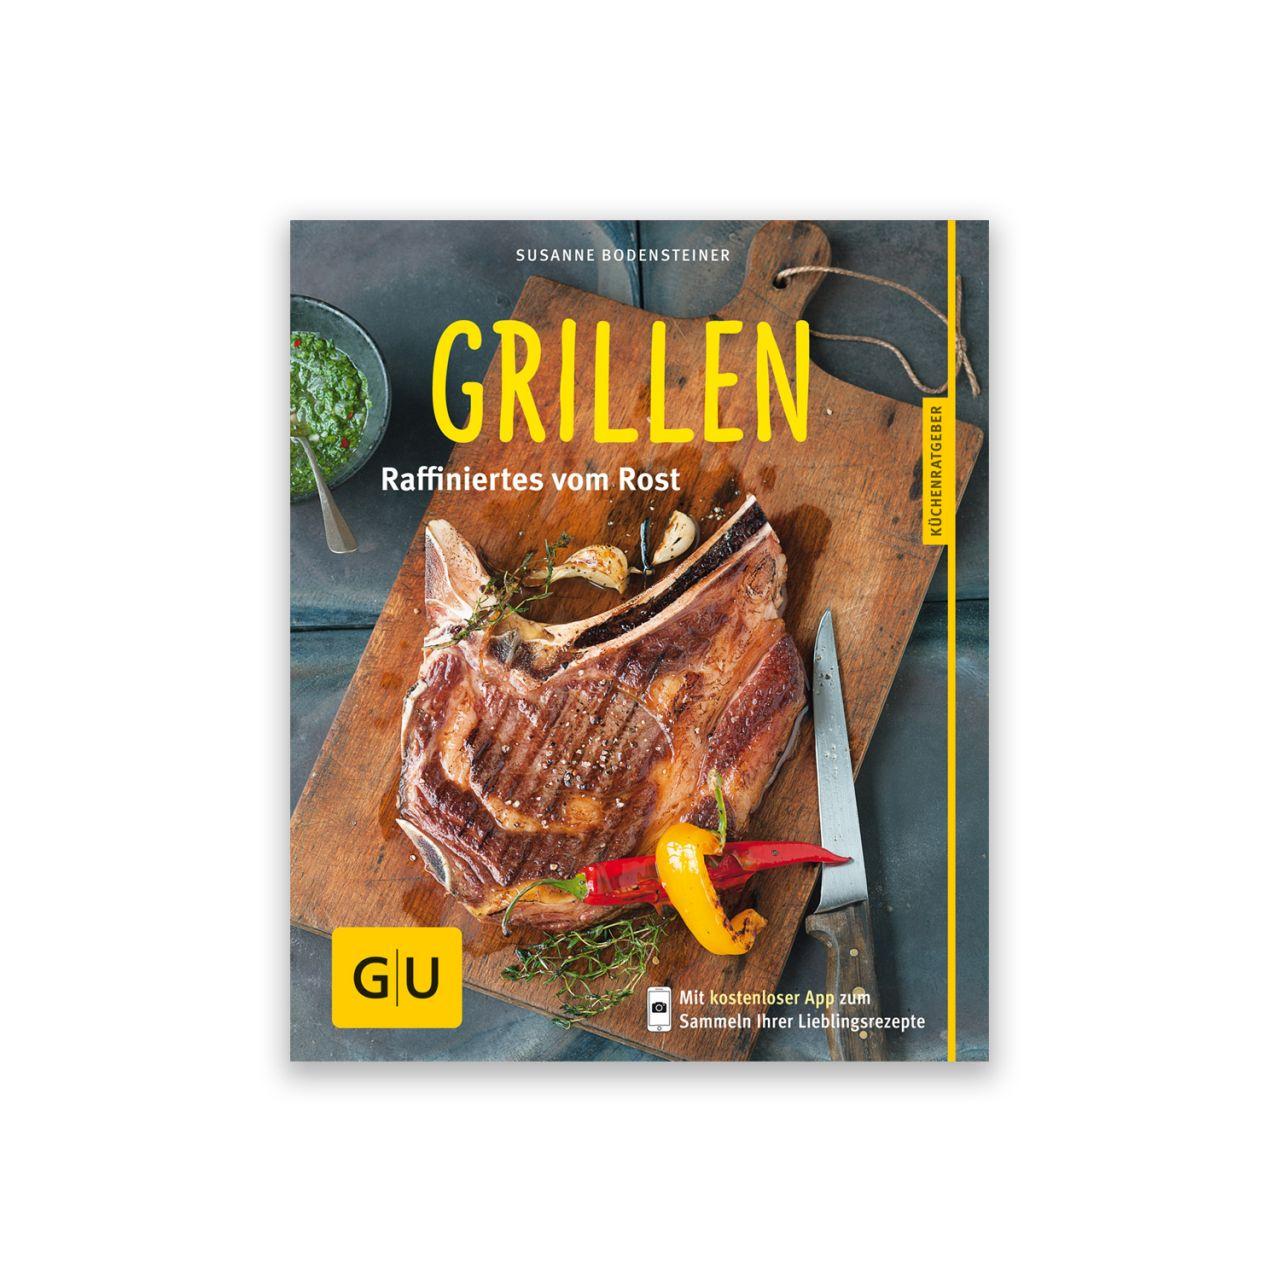 GU Grillen raffinierte Rezepte für jeden Grill 978-3-8338-3770-8